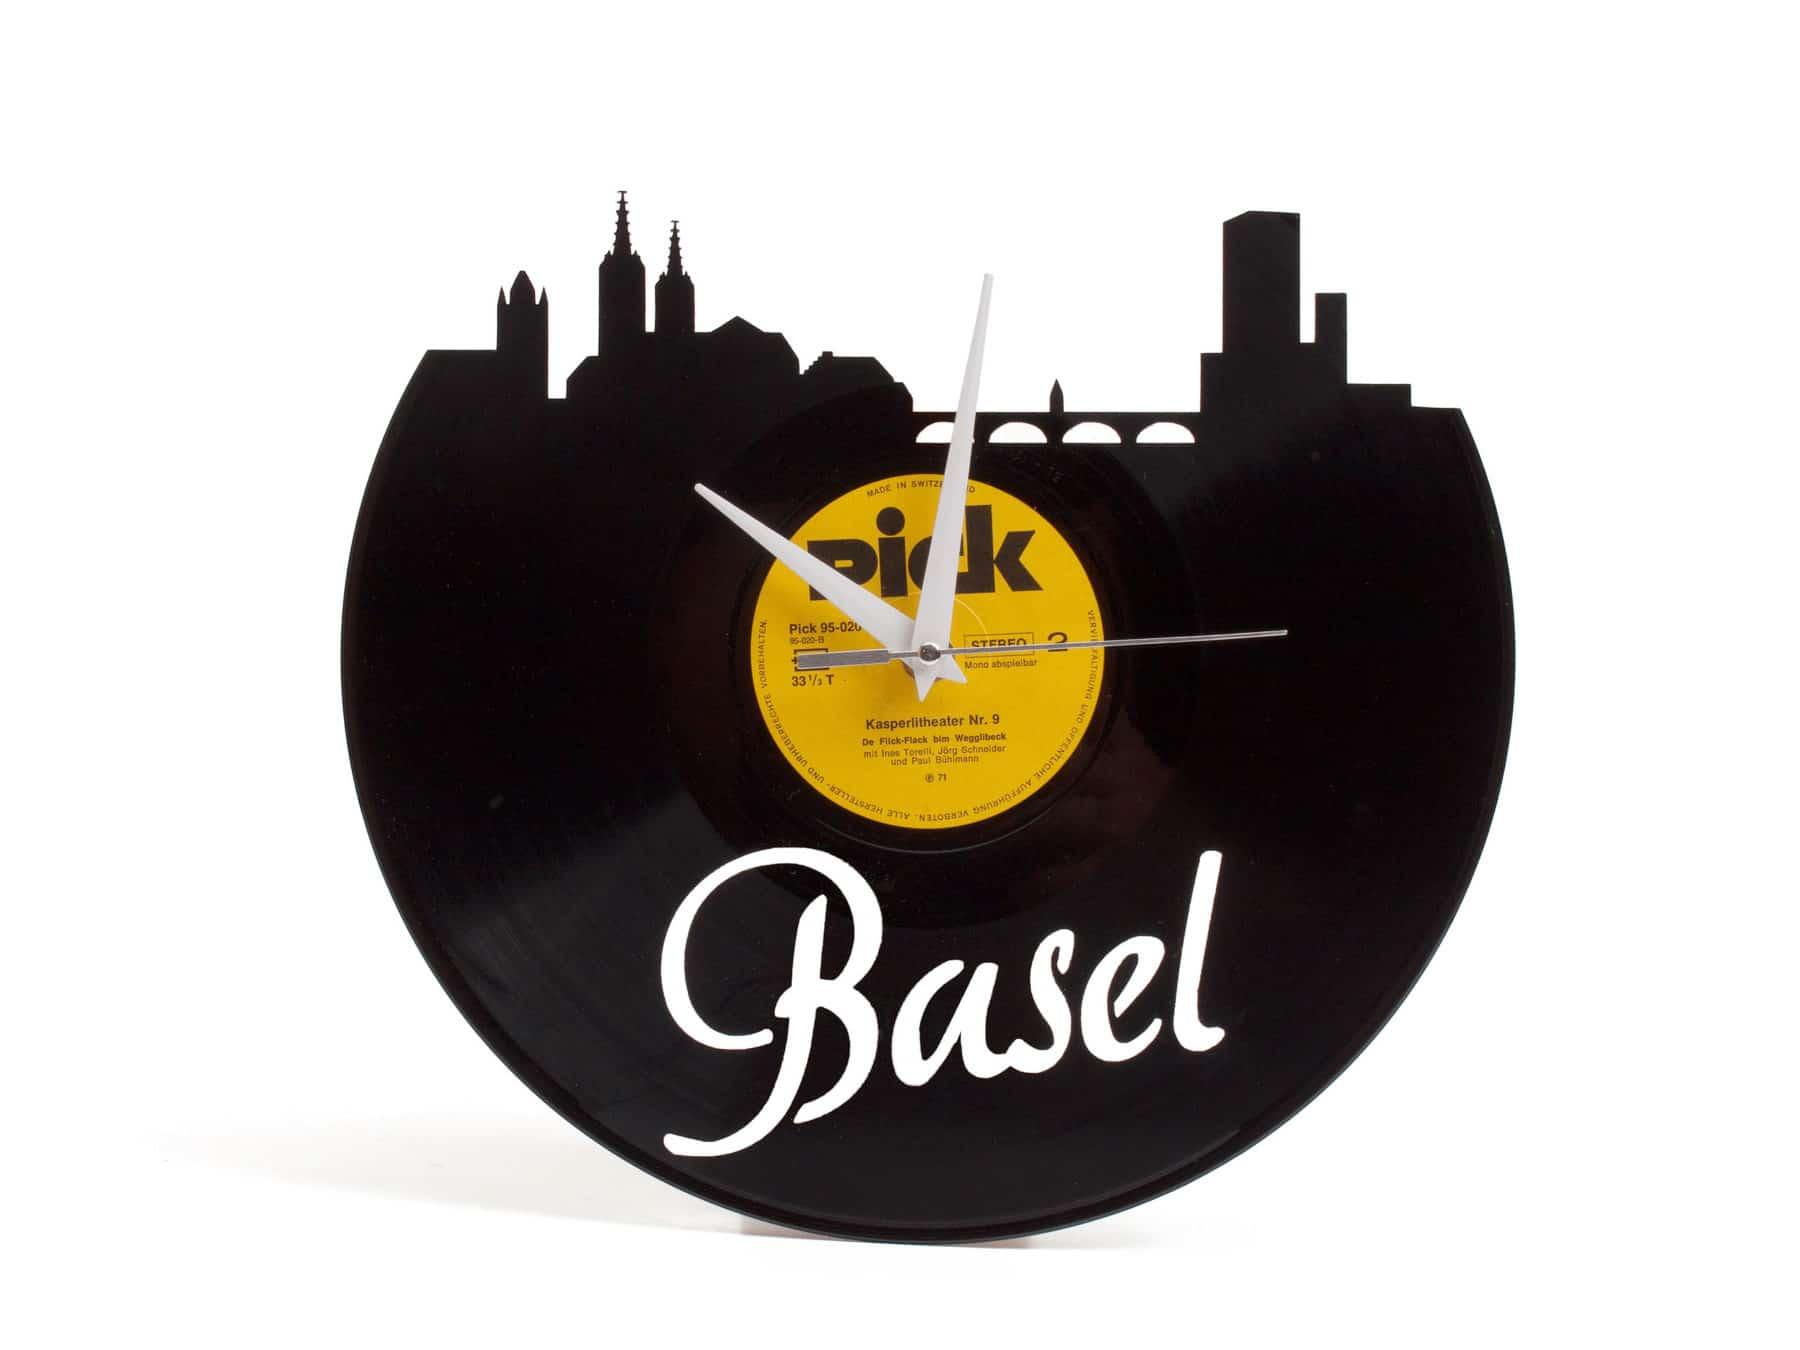 Schallplattenuhr Basel Schweiz Upcycling Recycling KURTS.ch